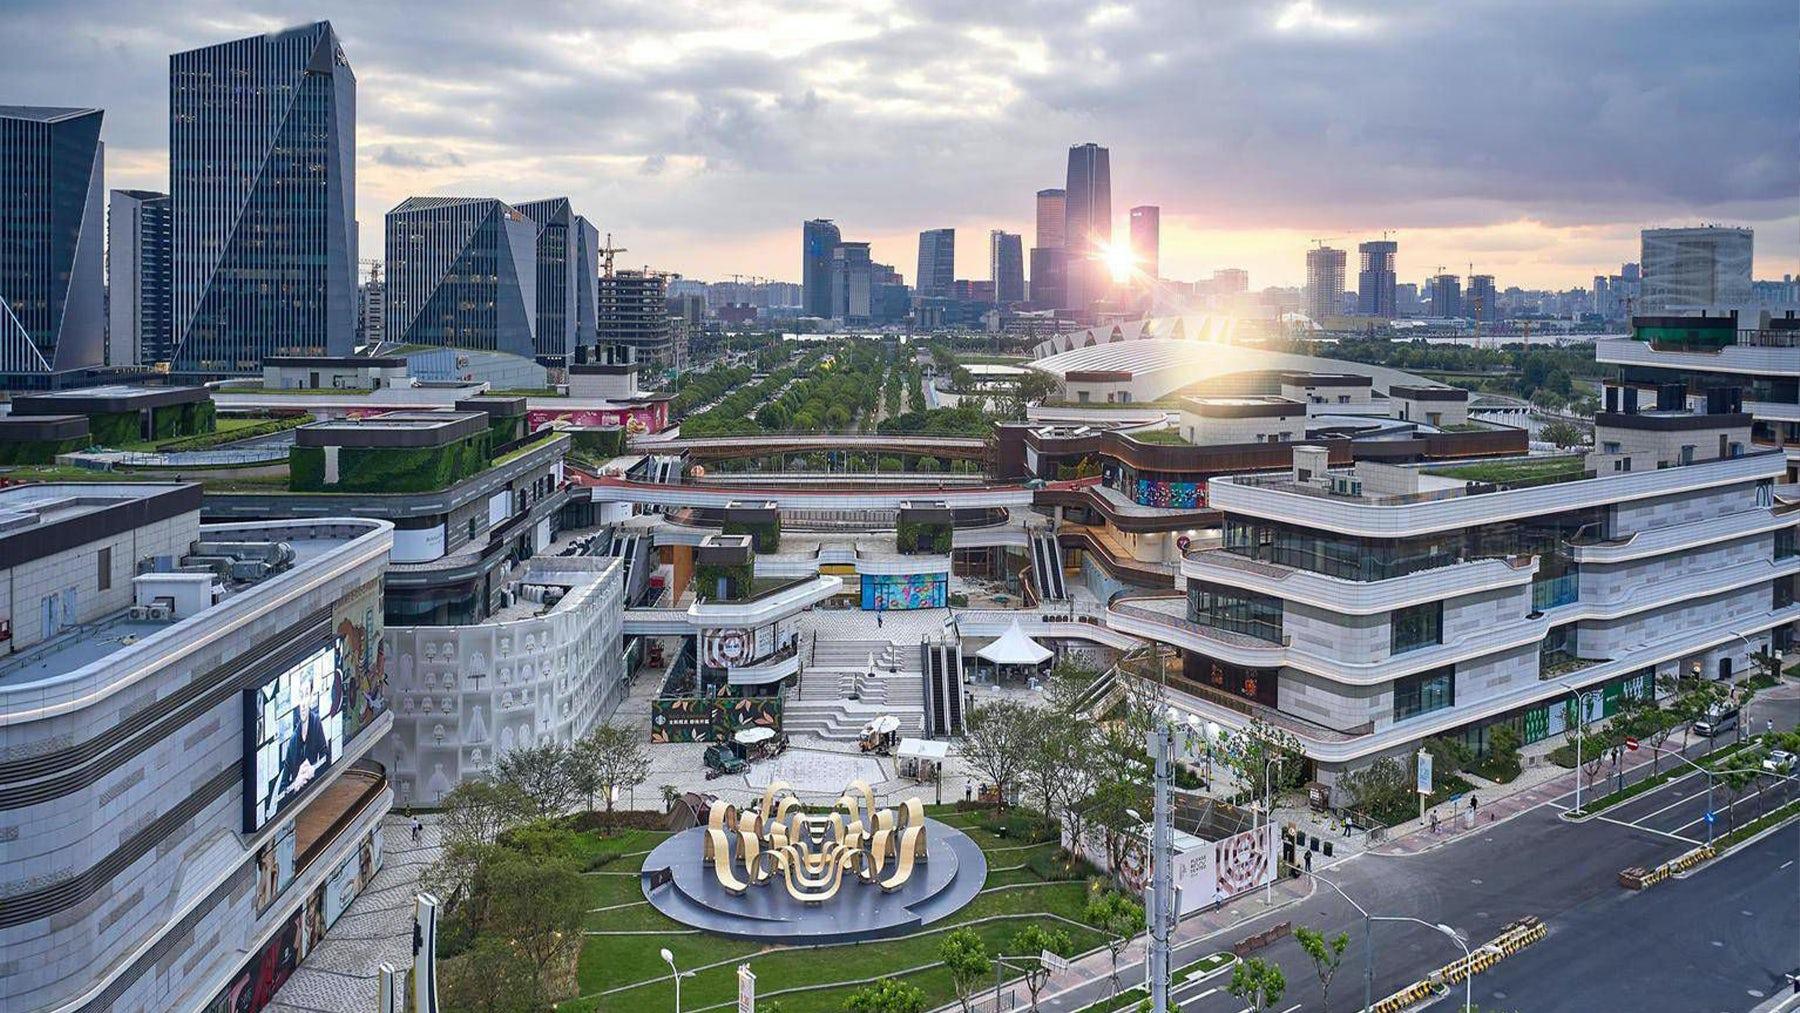 太古李千潭是太古地产在上海新建的购物中心,占地面积超过12万平方米。太古。